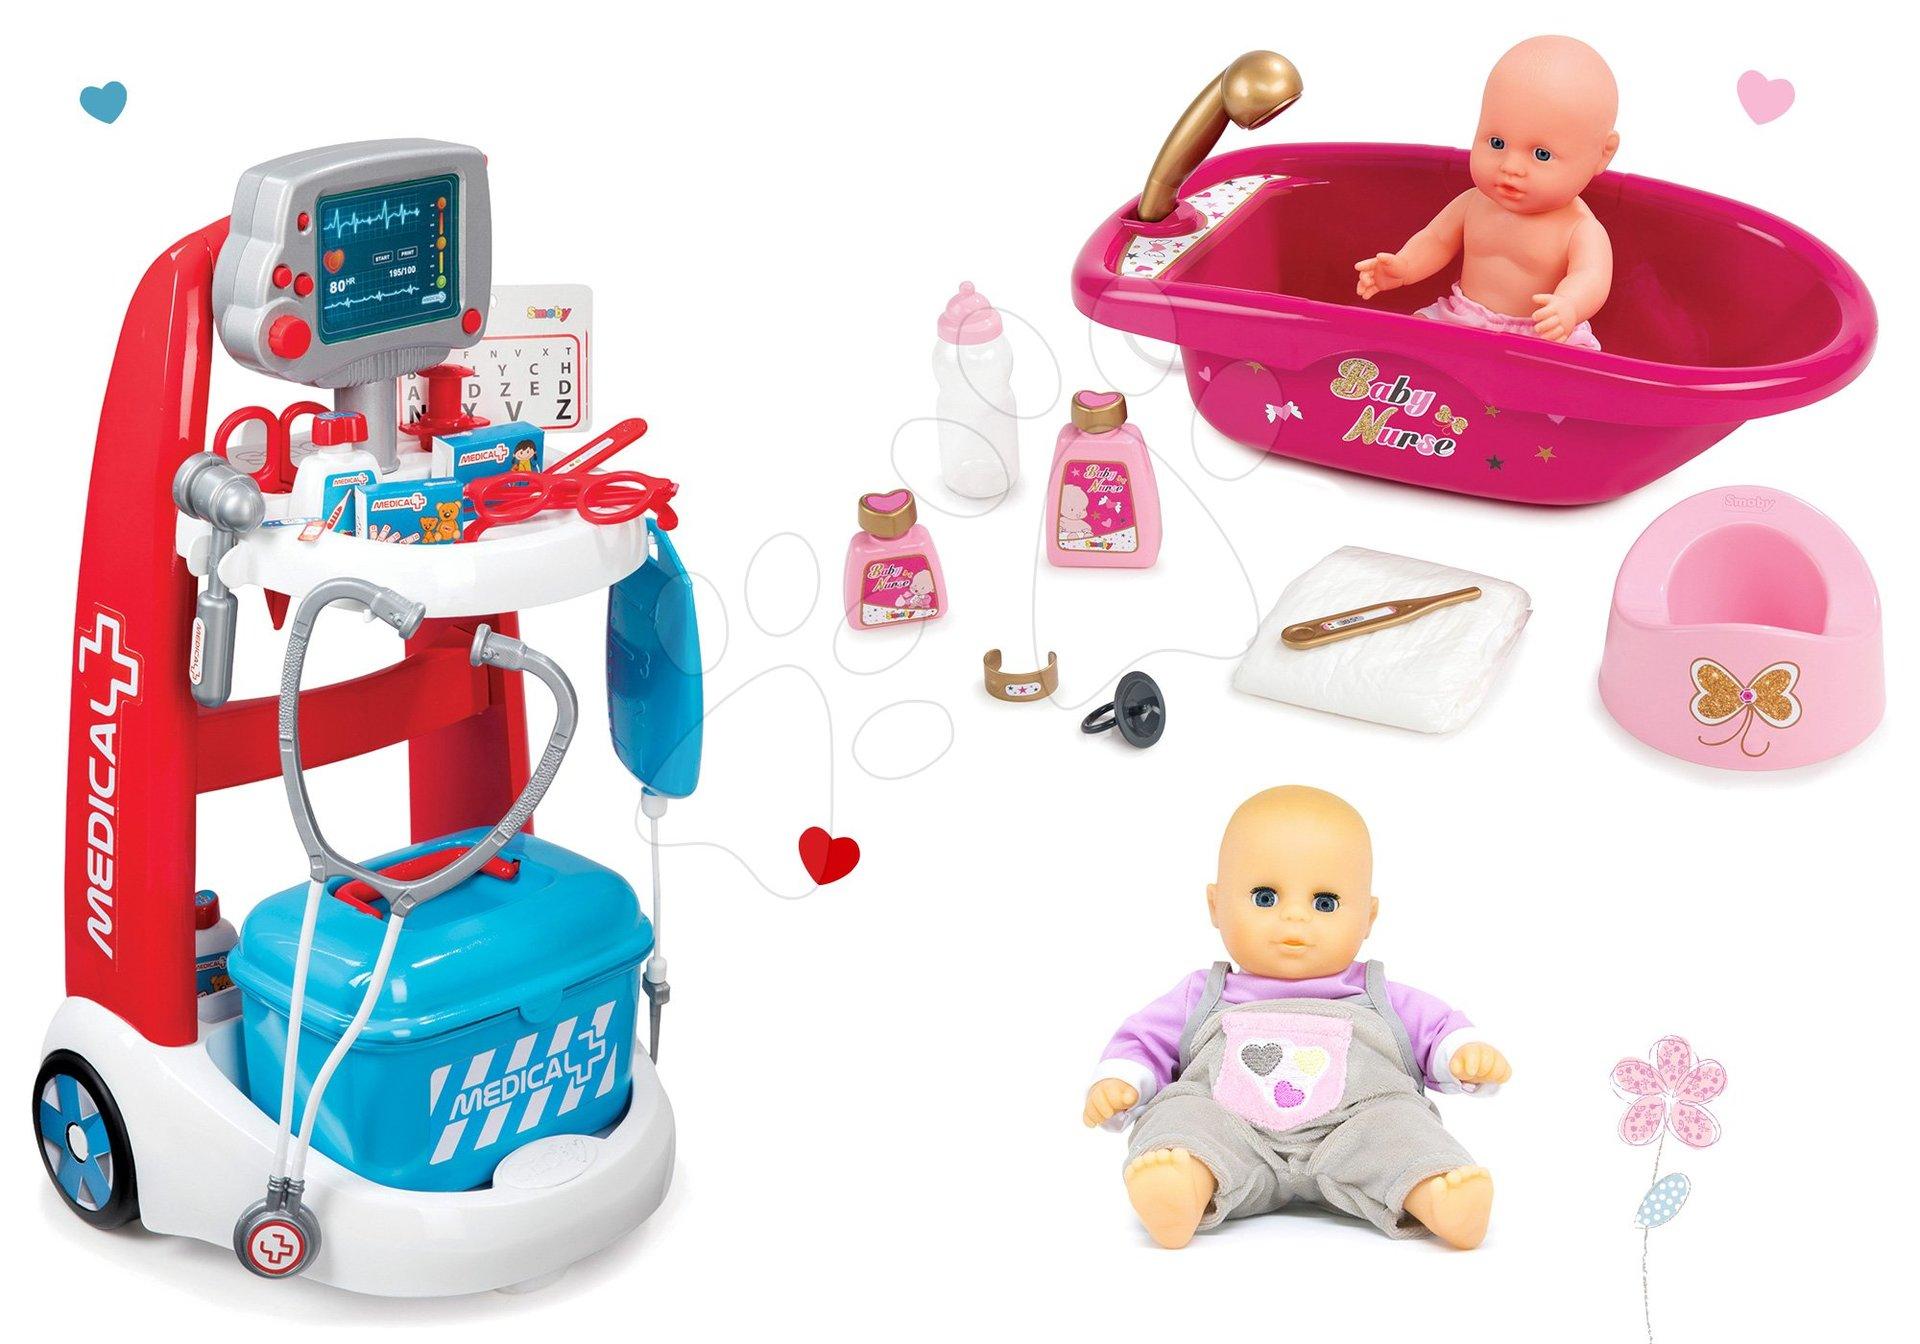 Smoby set lekársky vozík elektronický a vanička s bábikou a doplnkami 340202-3